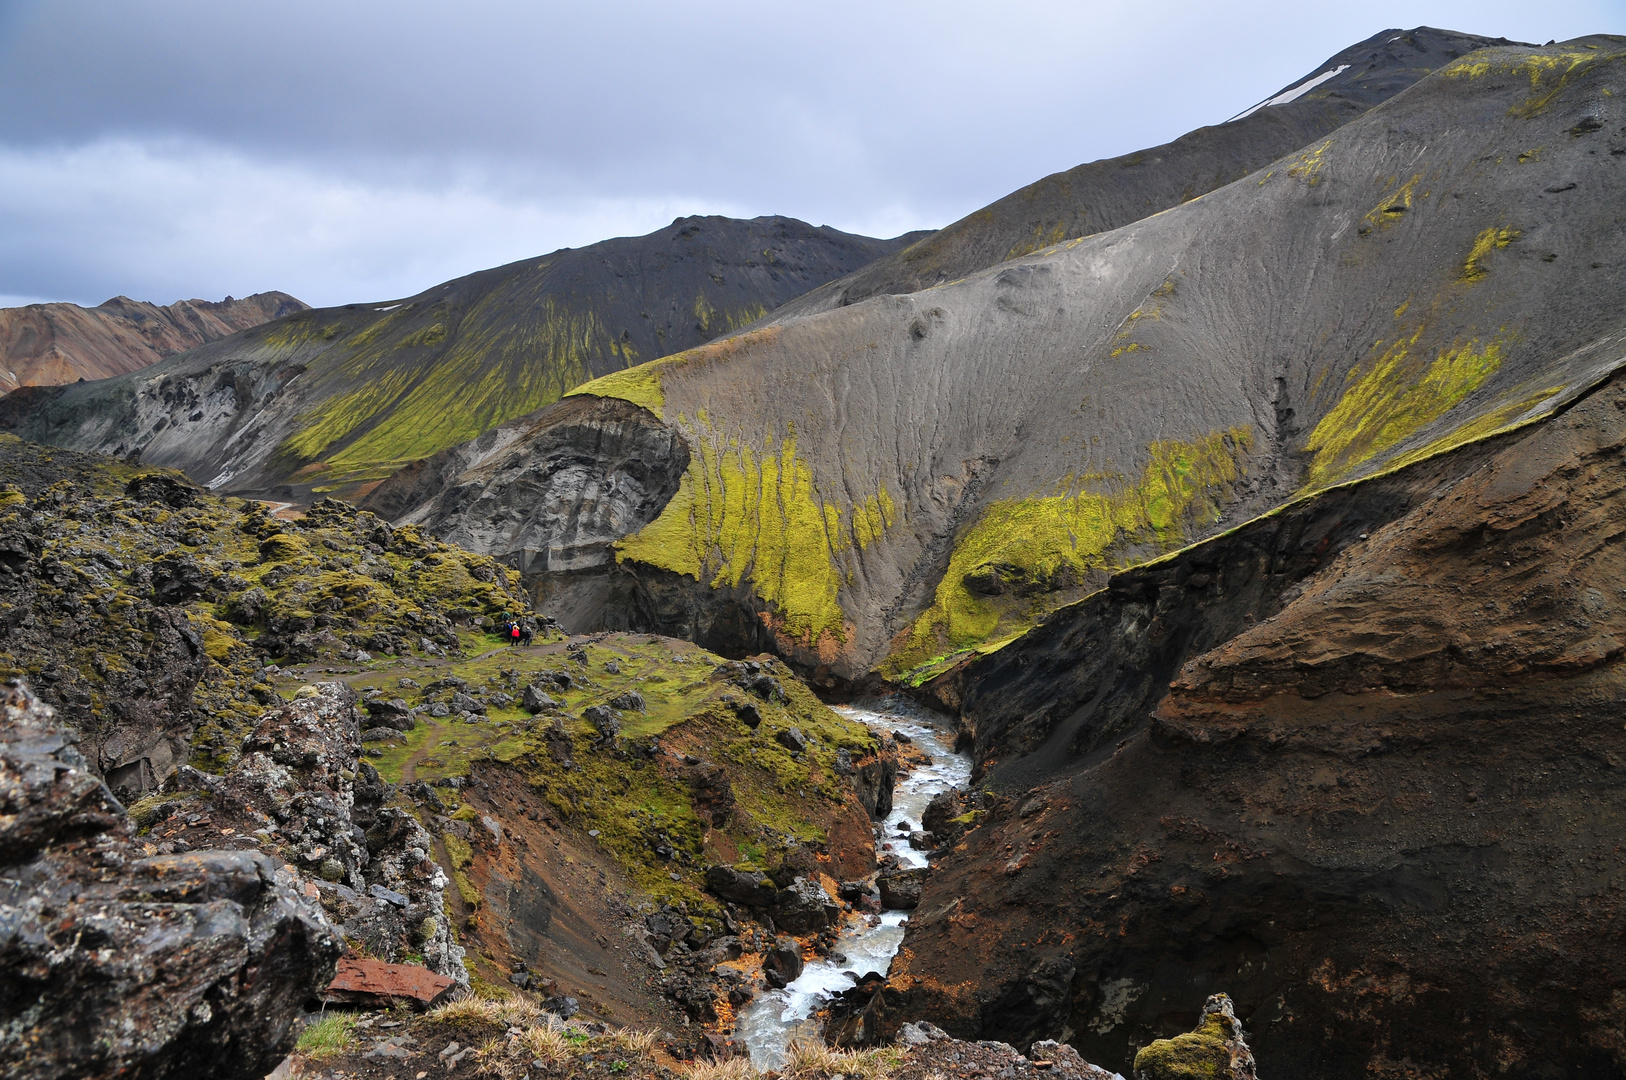 Wanderung durch das Lavagebiet Landmannalaugar/ Island